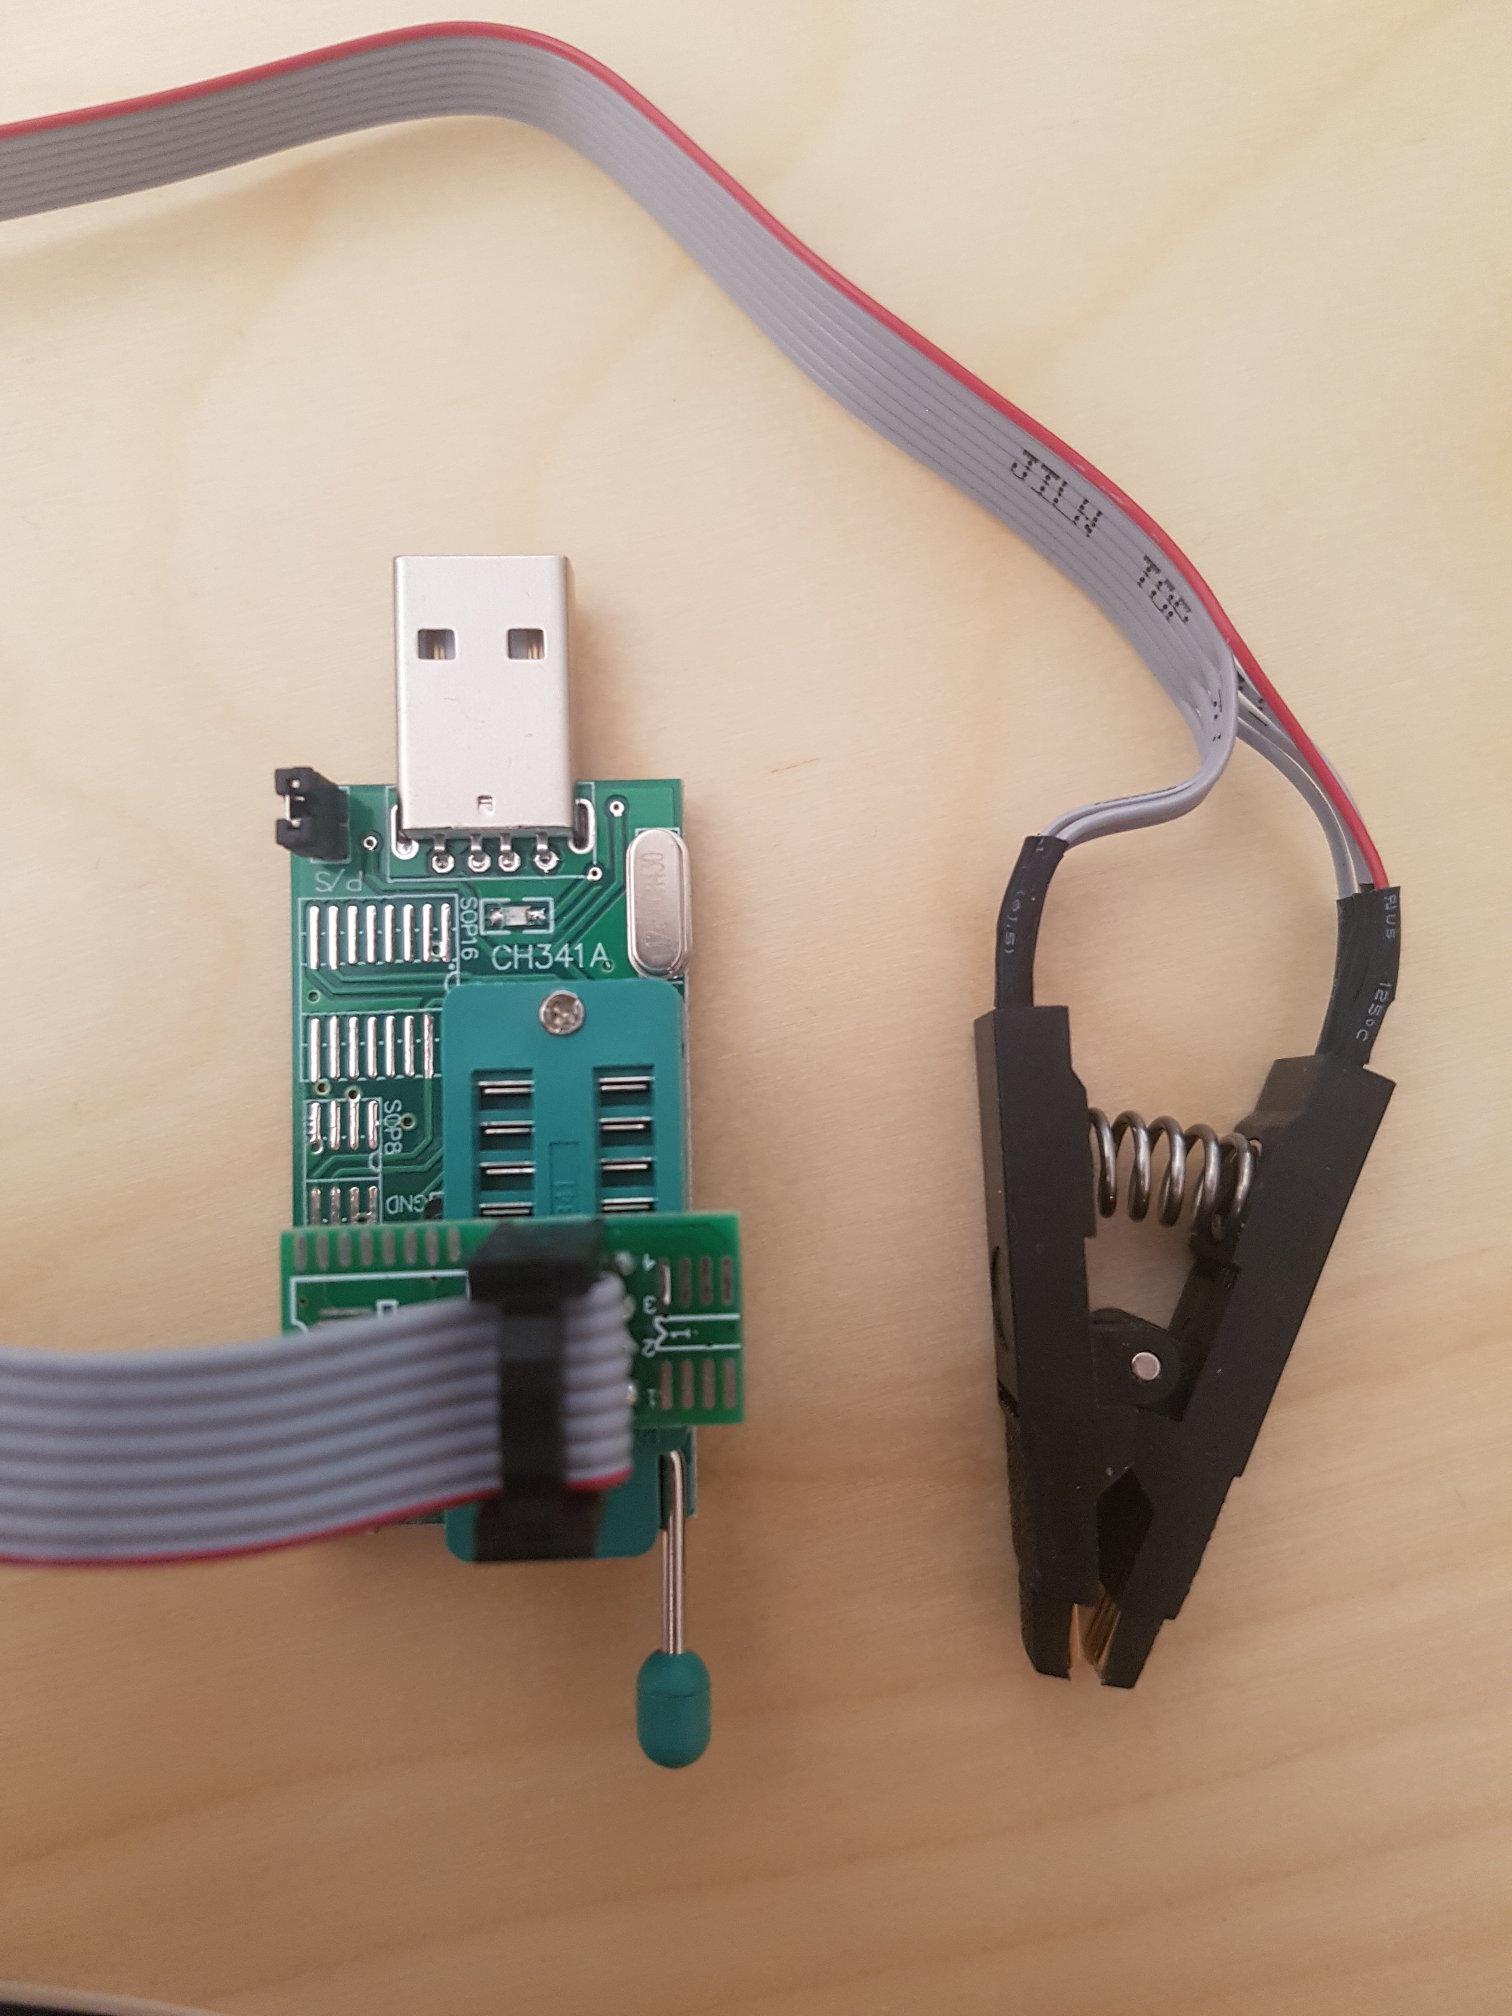 CPE210 v1 1 - wie Flash-Chip beschreiben? - Hardware - Freifunk Forum